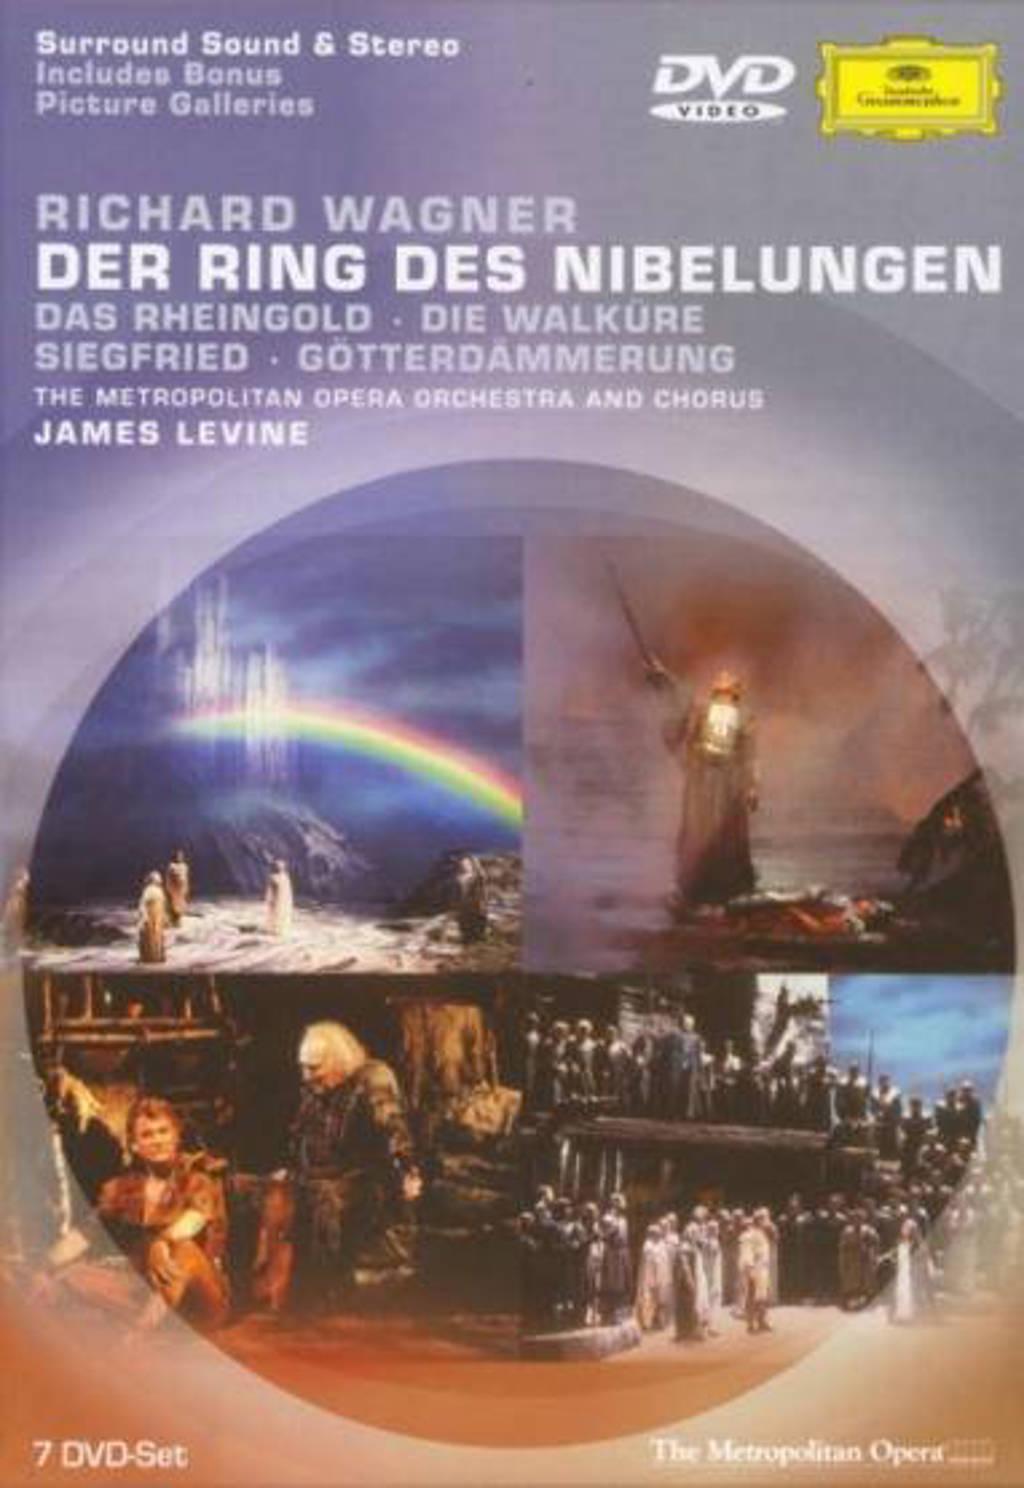 Ring des Nibelungen - complete ring (DVD)